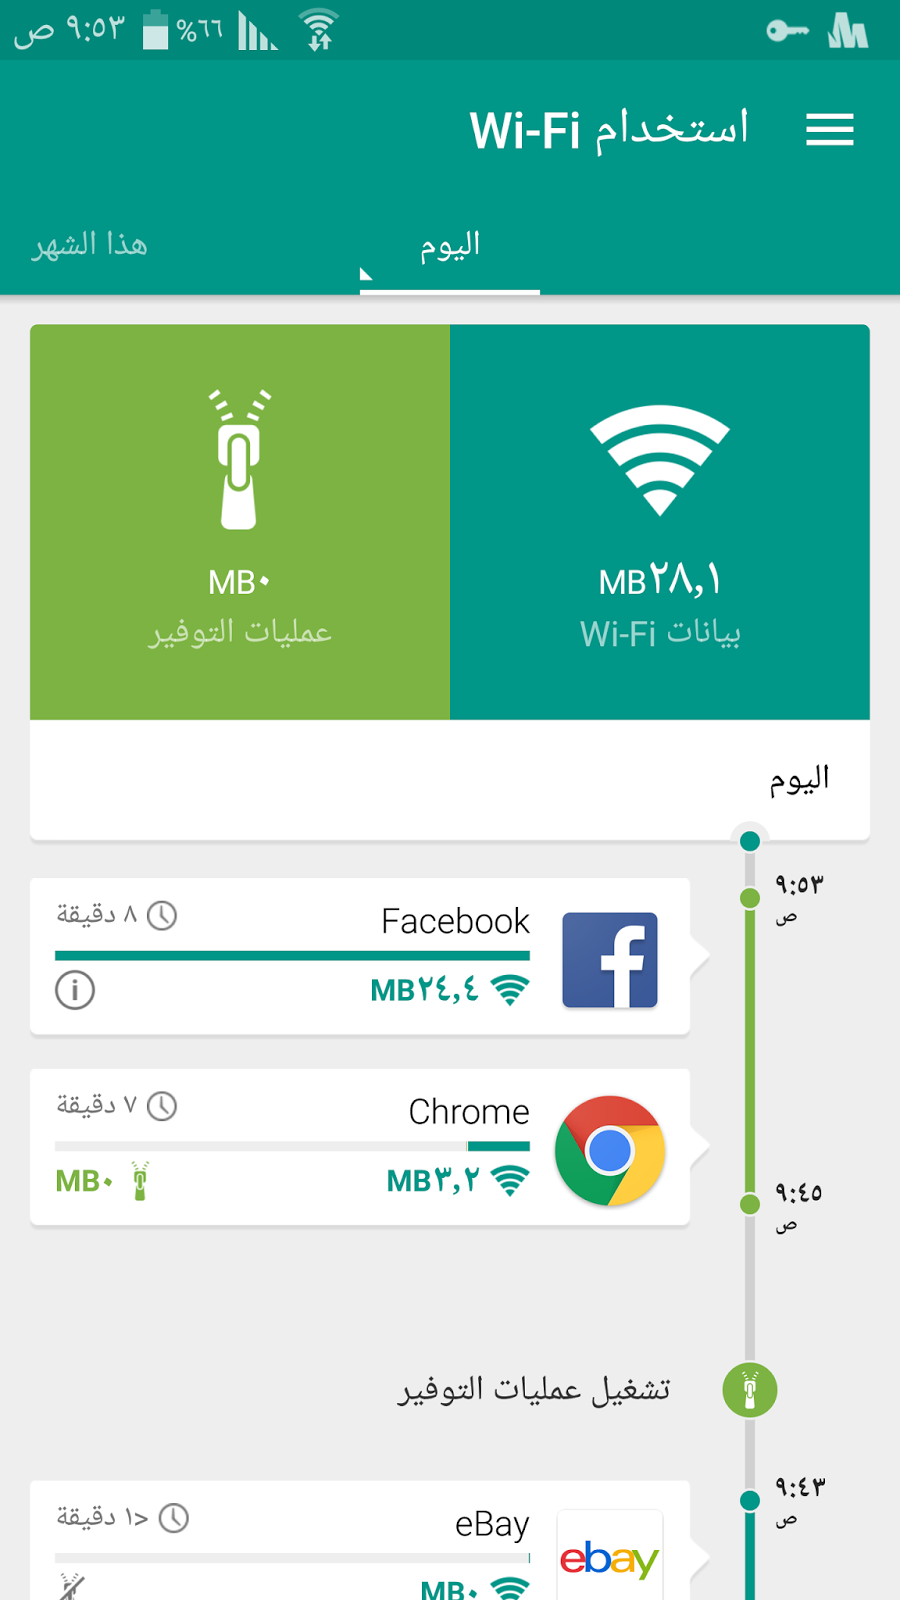 تطبيق Opera Max لقطع الانترنت عن اي تطبيق لتوفير استهلاك